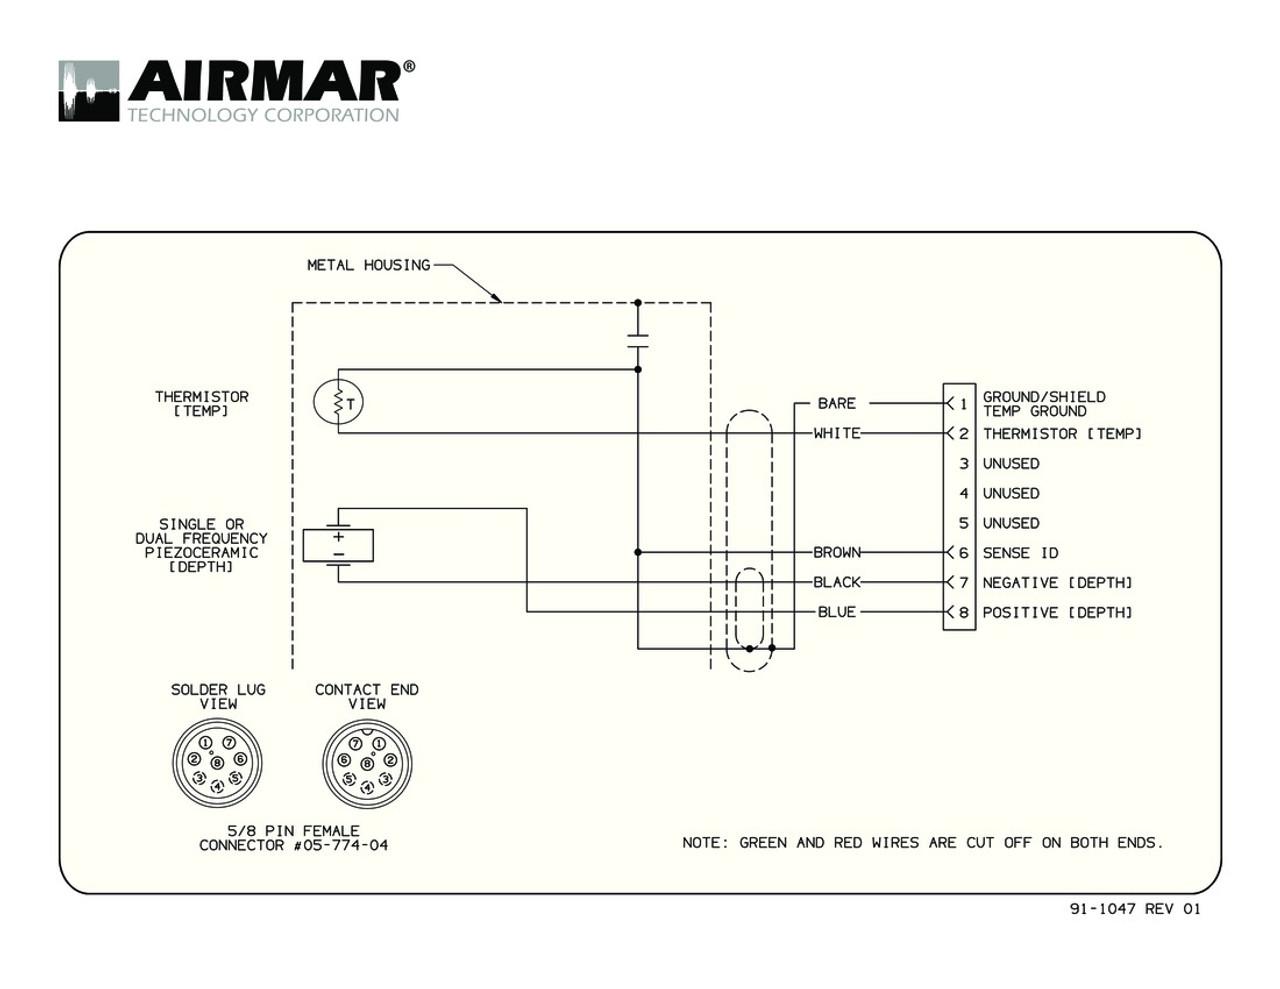 garmin 3205 wiring diagram wire management wiring diagram wiring diagram for garmin 3205 [ 1100 x 850 Pixel ]